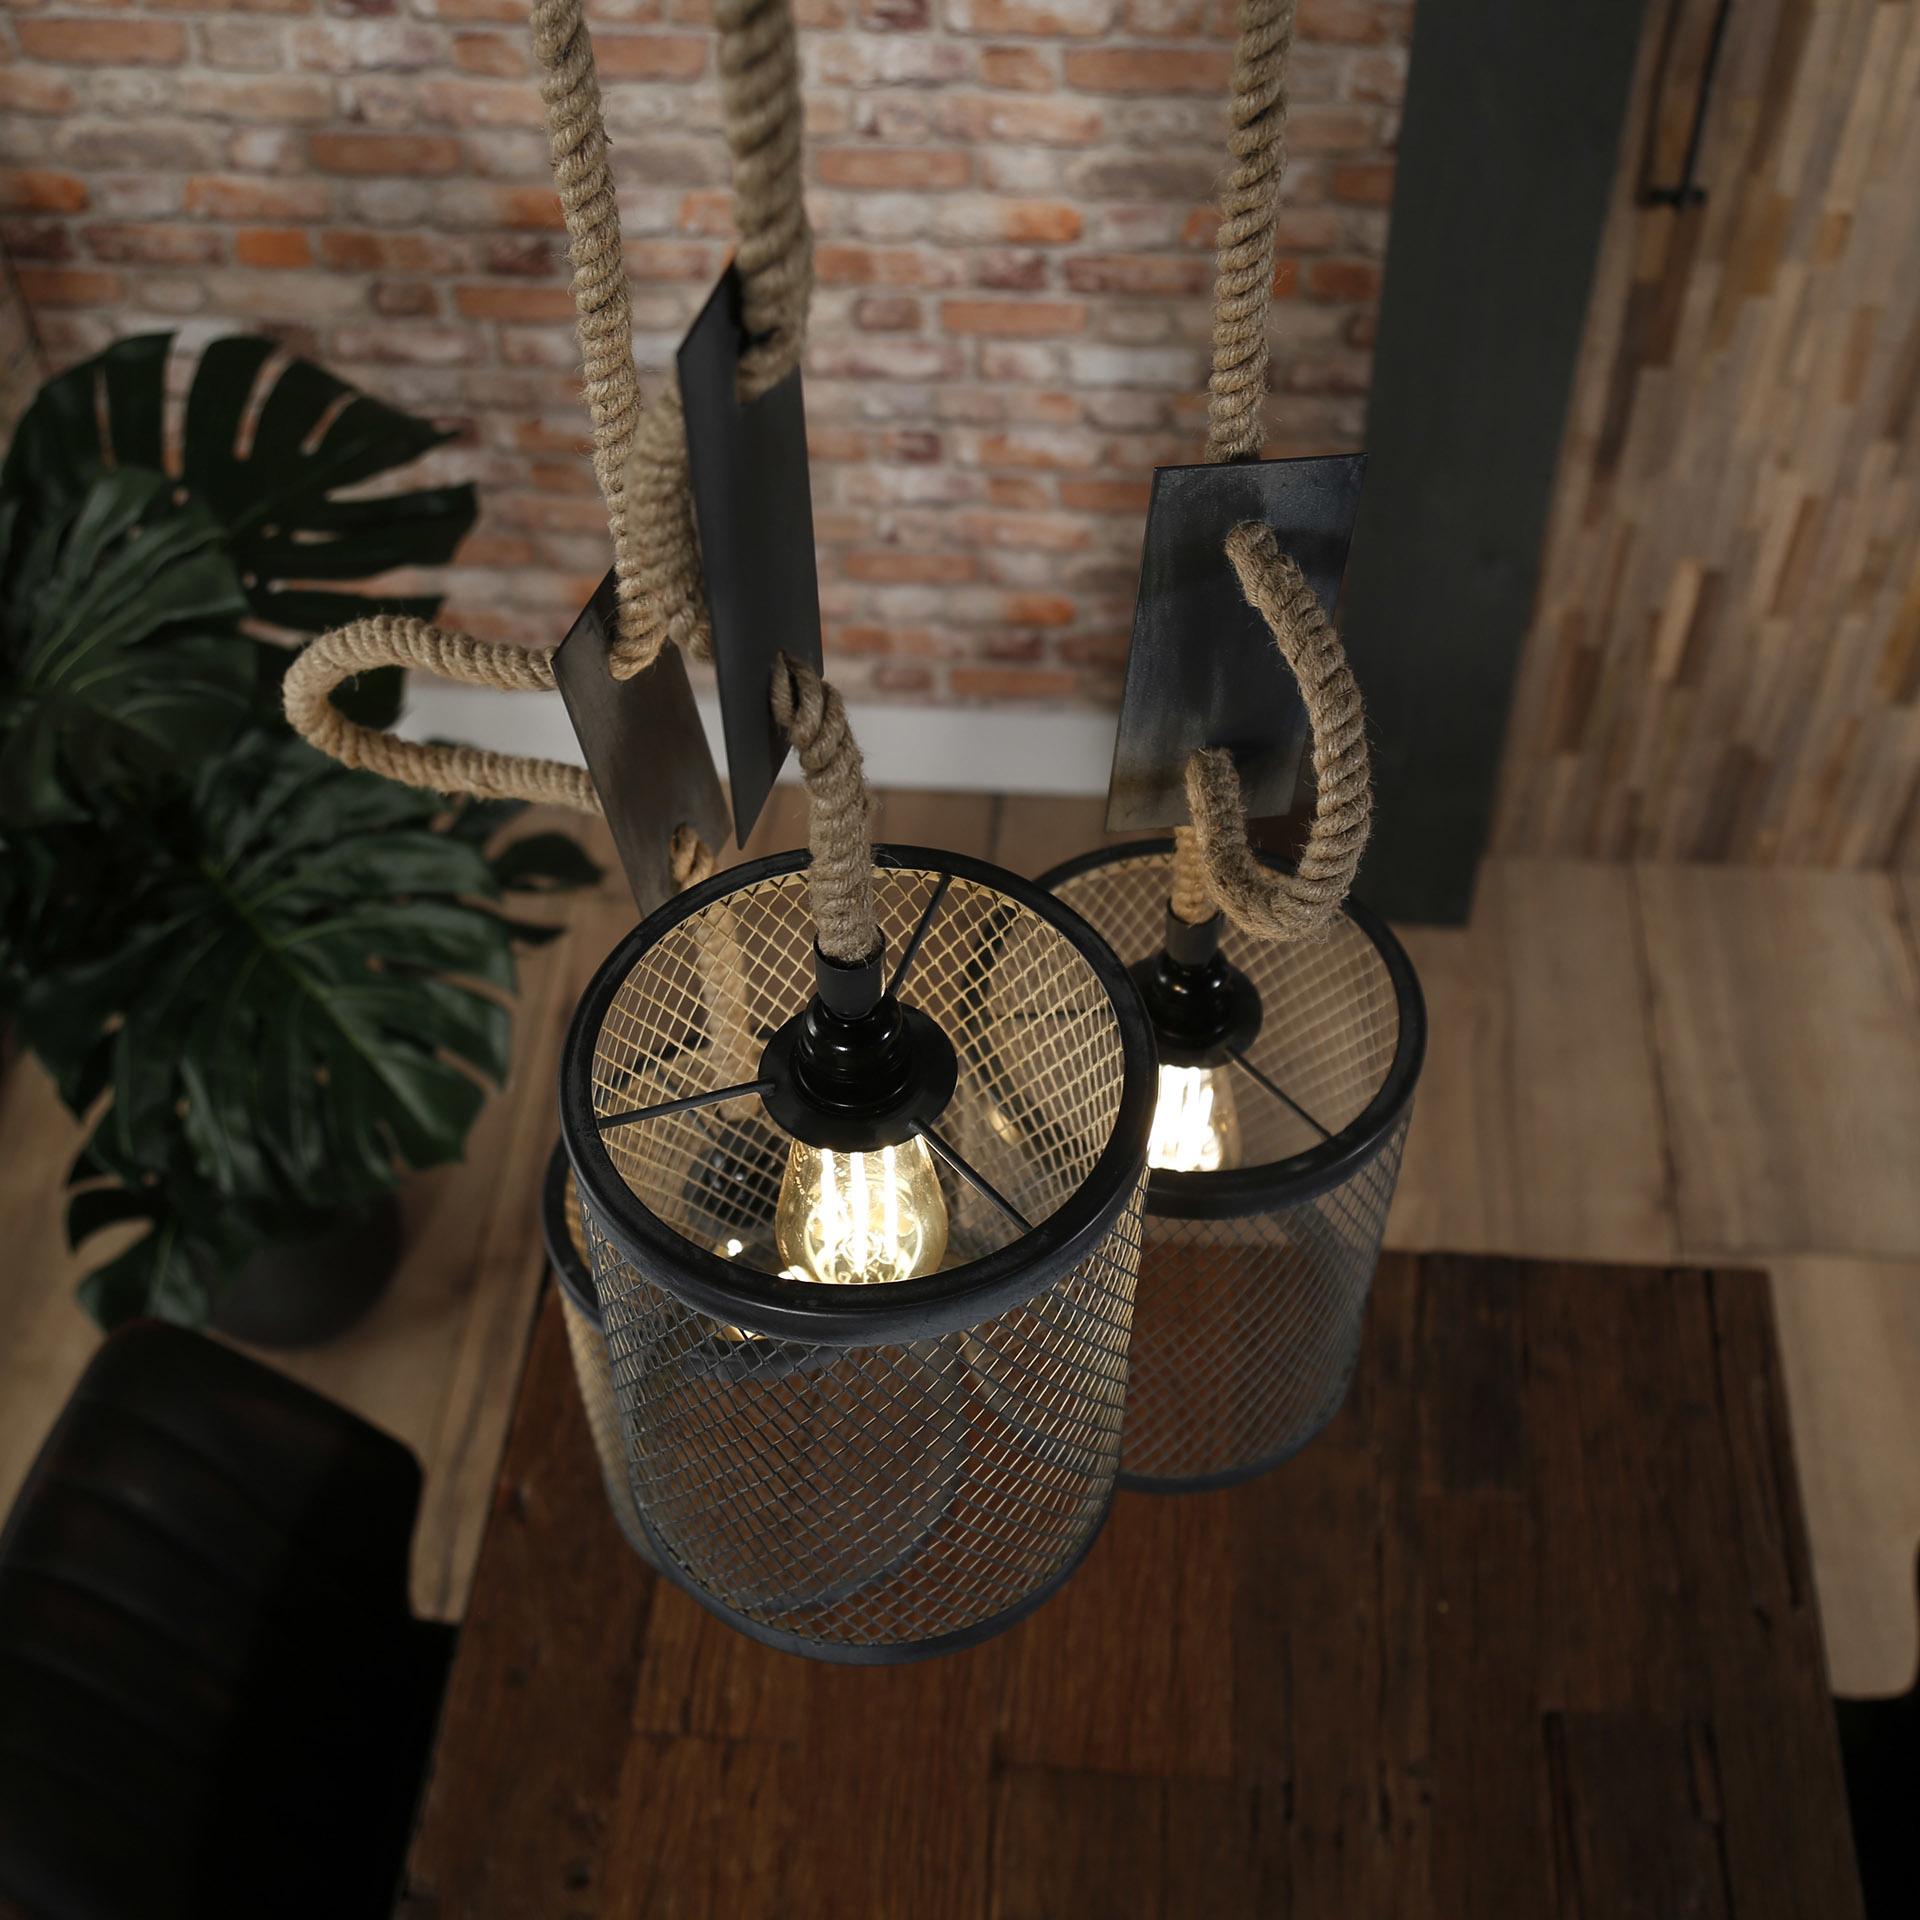 Duverger Rope - Hanglamp - set 3 cilinders - metaal gaas - dia 20cm  - verstelbaar touw